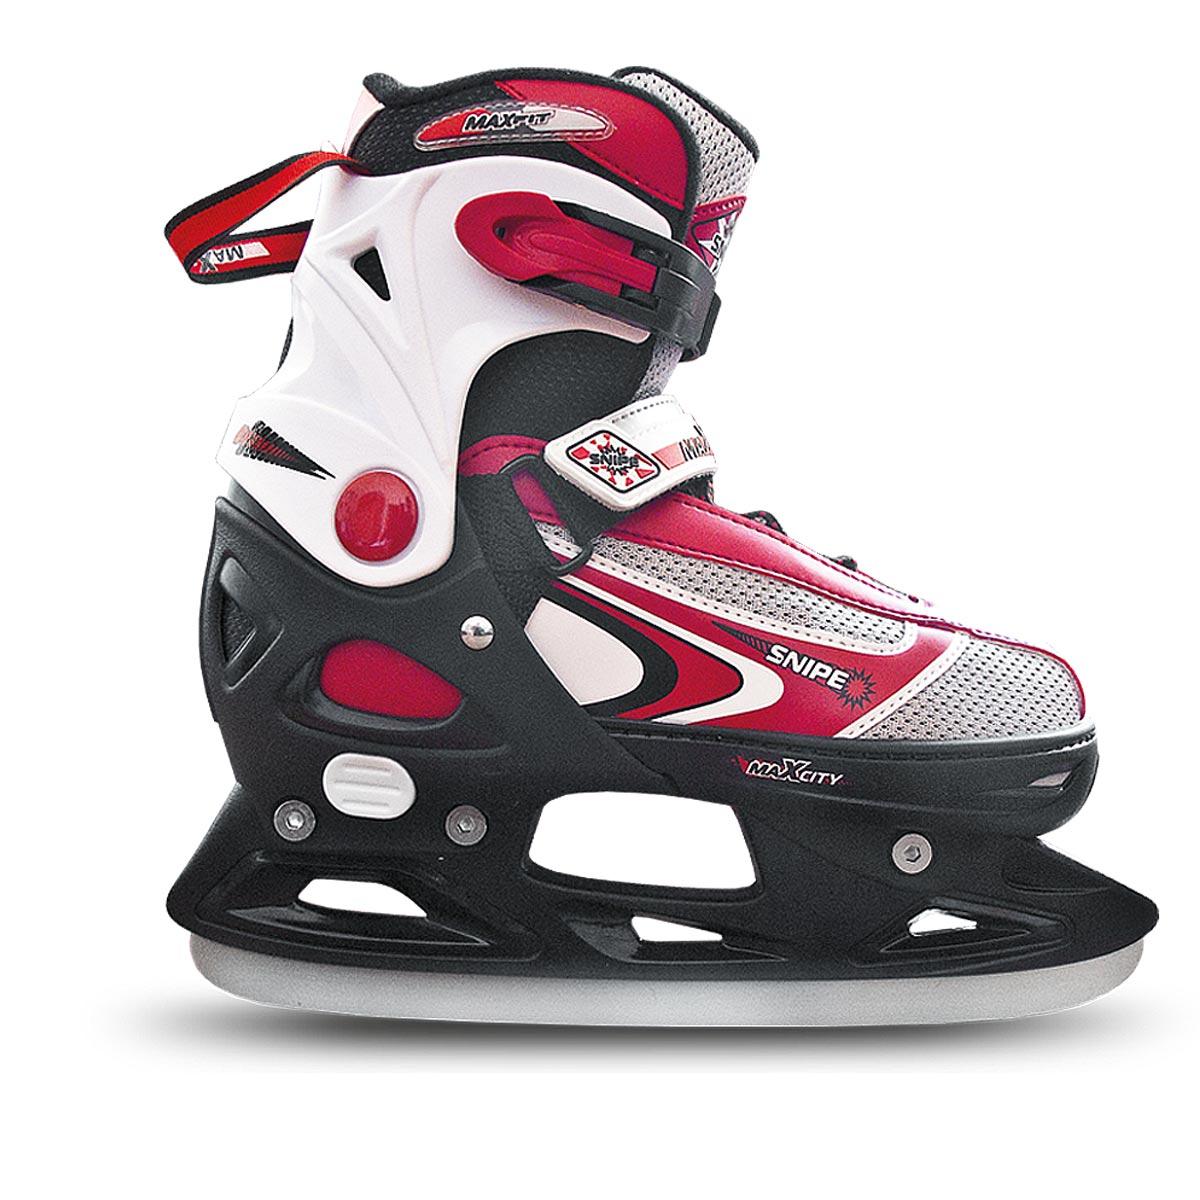 Коньки ледовые для мальчика MaxCity Snipe Boy, раздвижные, цвет: черный, серый, красный. Размер 33/36ASE-611FОригинальные раздвижные ледовые коньки MaxCity с ударопрочной защитной конструкцией отлично подойдут для начинающих. Ботинки изготовлены из морозостойкого пластика, который защитит ноги от ударов, и дополнены нейлоном. Внутренний материал из вельвета и капровелюра отлично согревает и обеспечивает комфорт во время движения. Нейлоновые вставки на язычке предотвращают перегревание и отводят влагу. Высокий ботинок обеспечивает отличную поддержку ноги. Модель застегивается несколькими способами для надежной фиксации ноги - классическая шнуровка, липучка Velcro и пластиковые затягивающиеся ремешки. Стальное лезвие обеспечит превосходное скольжение. Основная особенность коньков - возможность изменения размера. Изменение длины ботинка осуществляется достаточно просто и занимает несколько секунд.